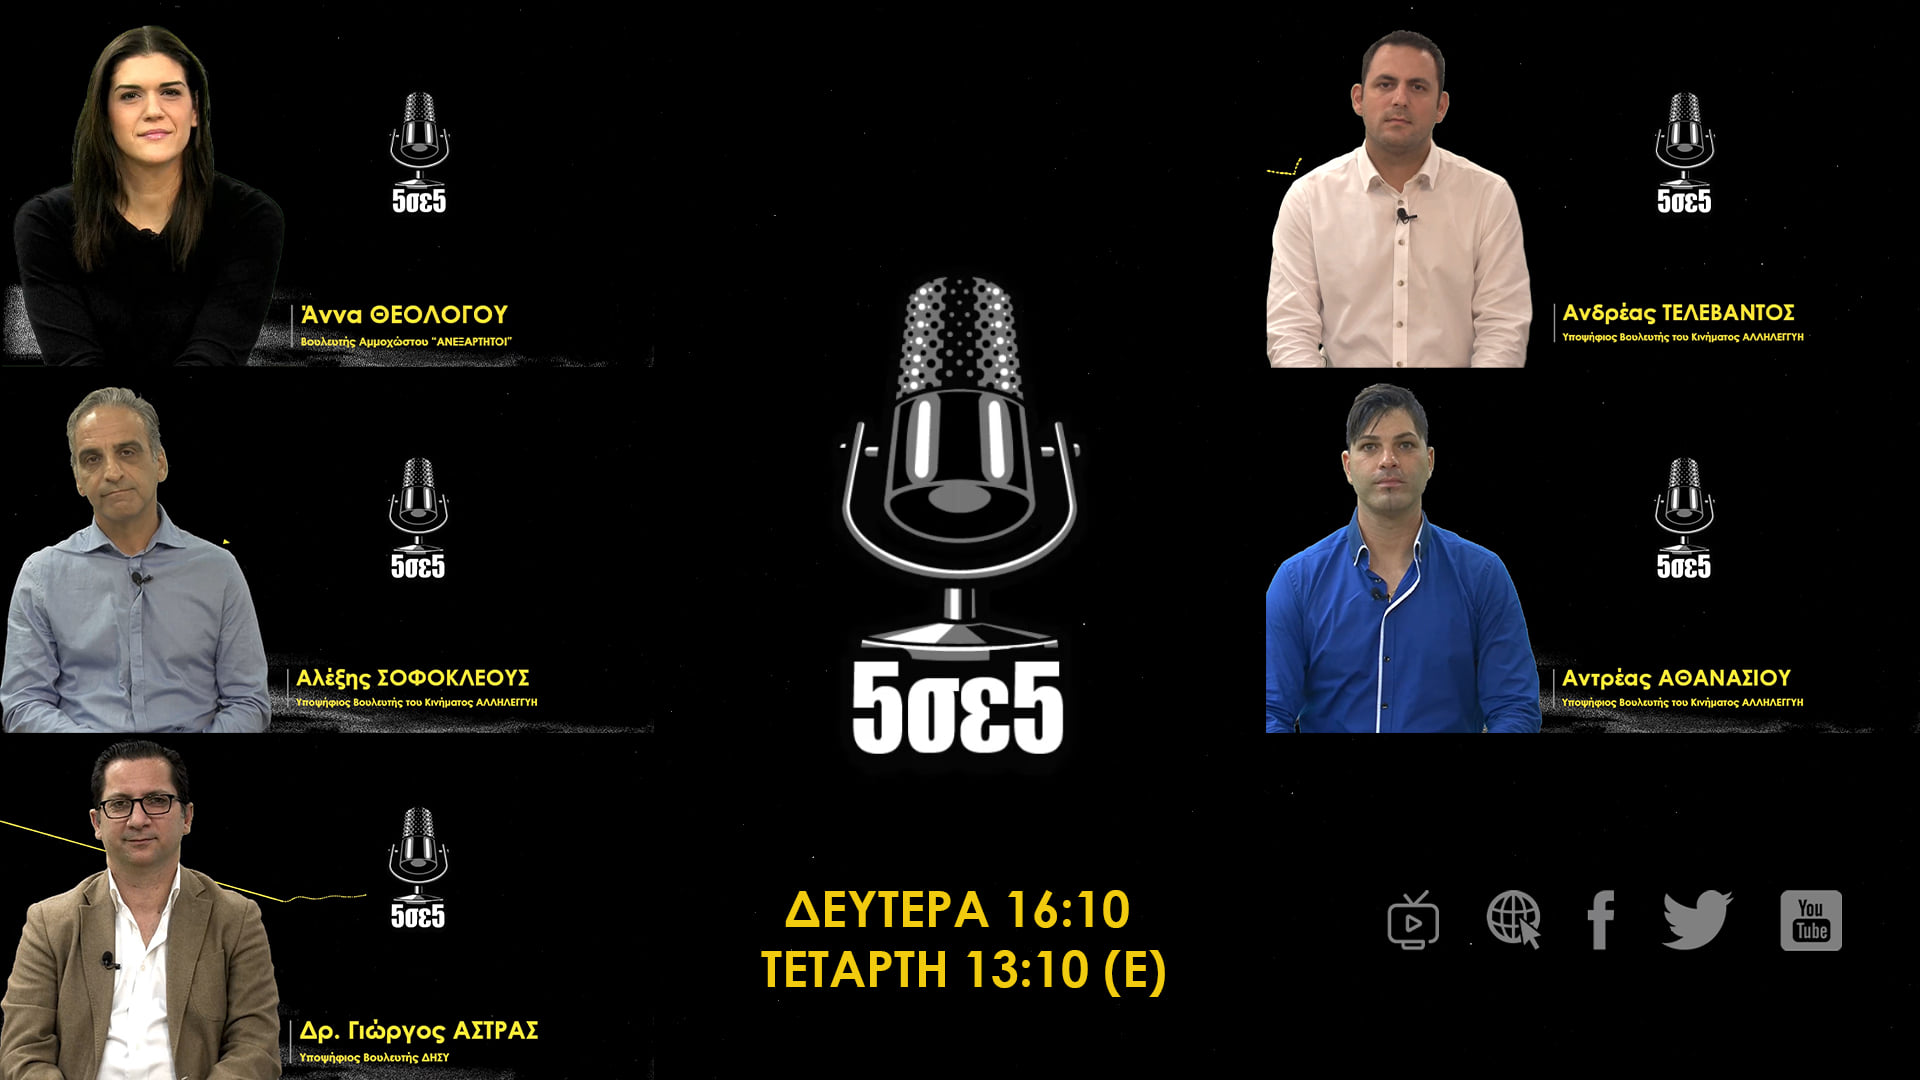 5 σε 5 - Επεισόδιο 1 | 11 Iανουαρίου 2021